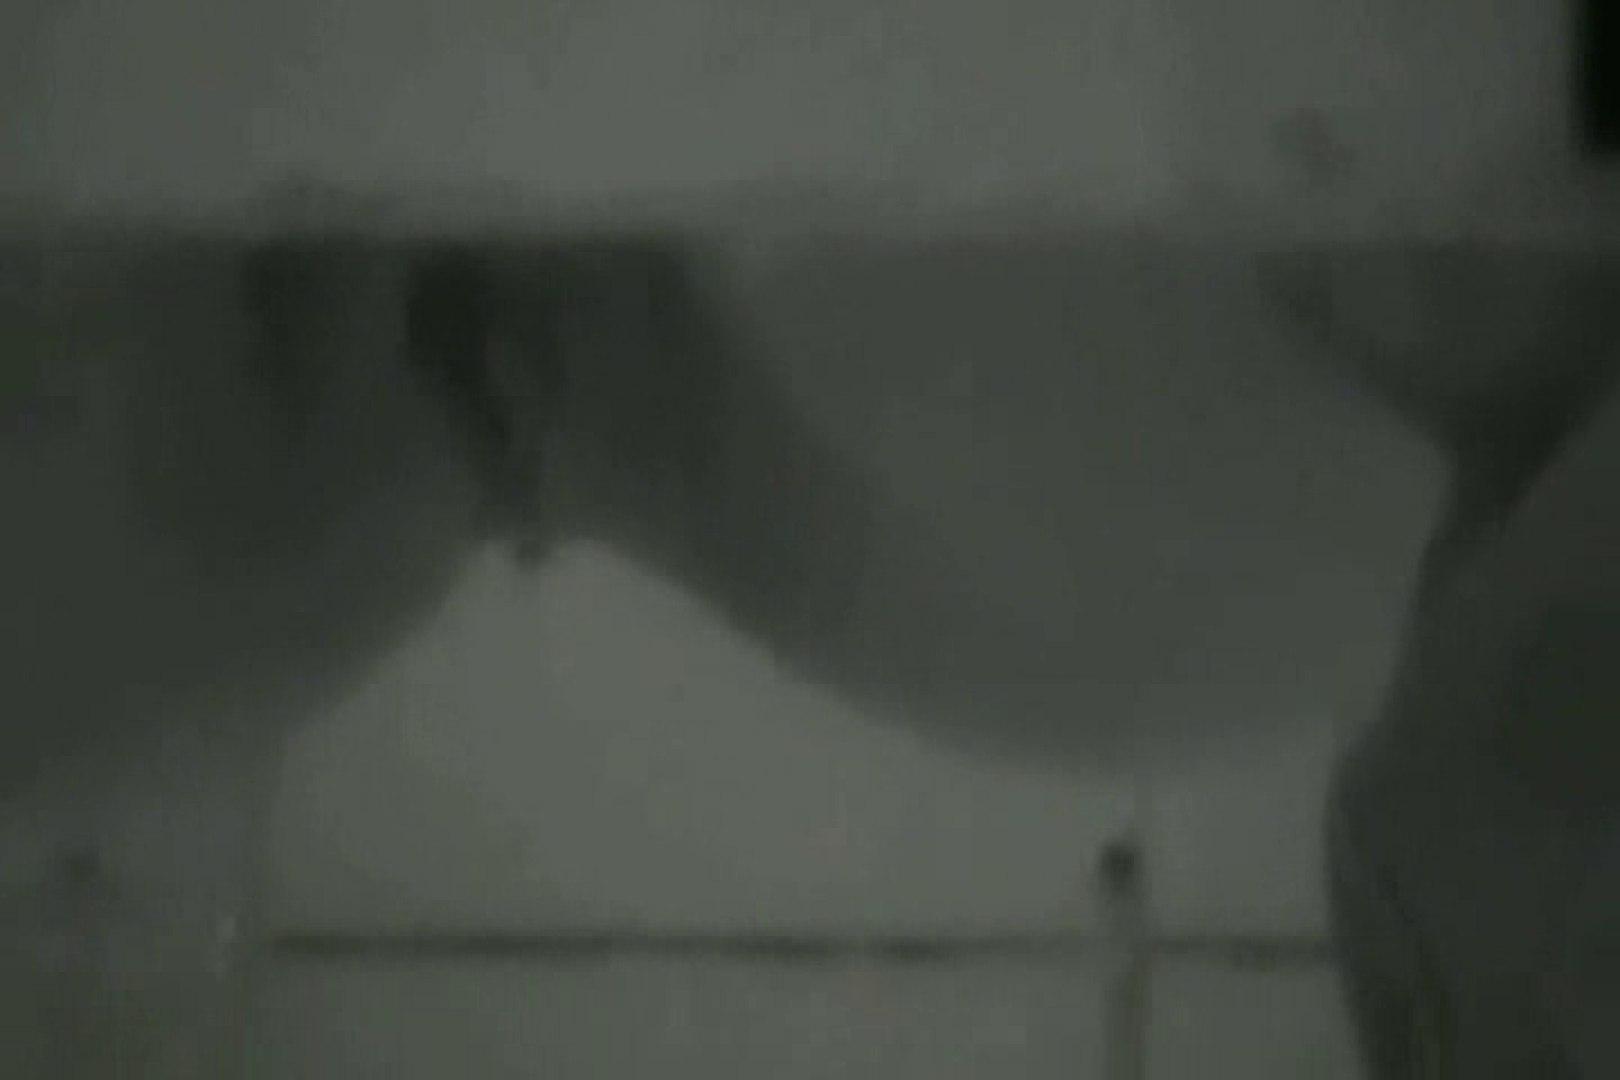 ぼっとん洗面所スペシャルVol.9 OLエロ画像 覗きおまんこ画像 62PICs 58